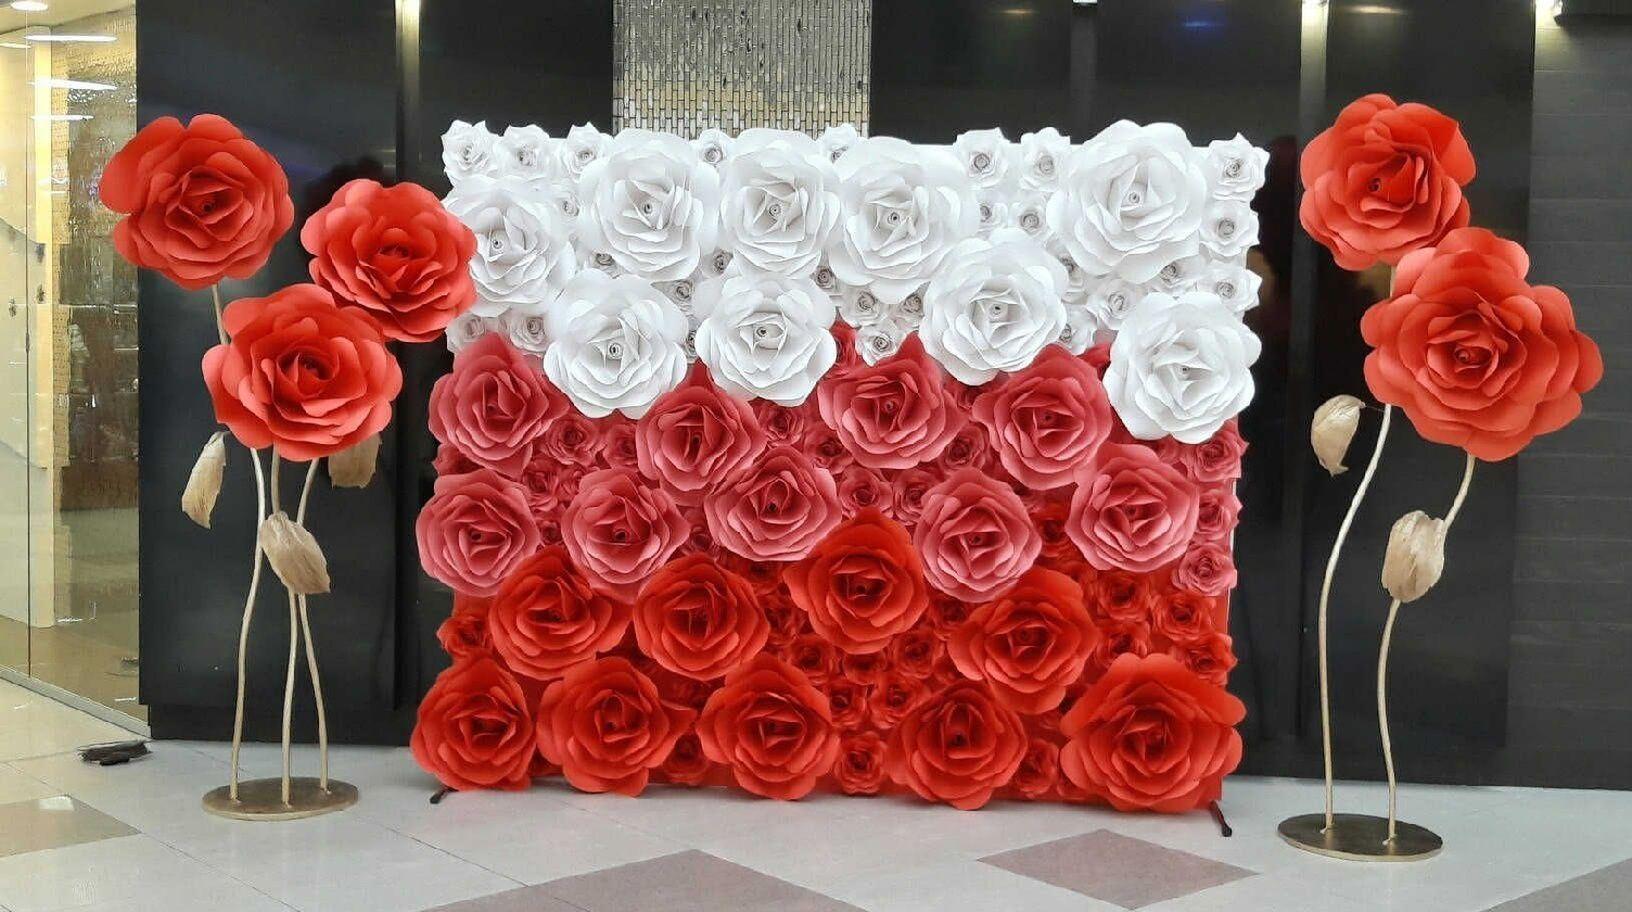 отель прекрасно оформление стойки ресепшн бумажными цветами фото запросу шапки тосненский